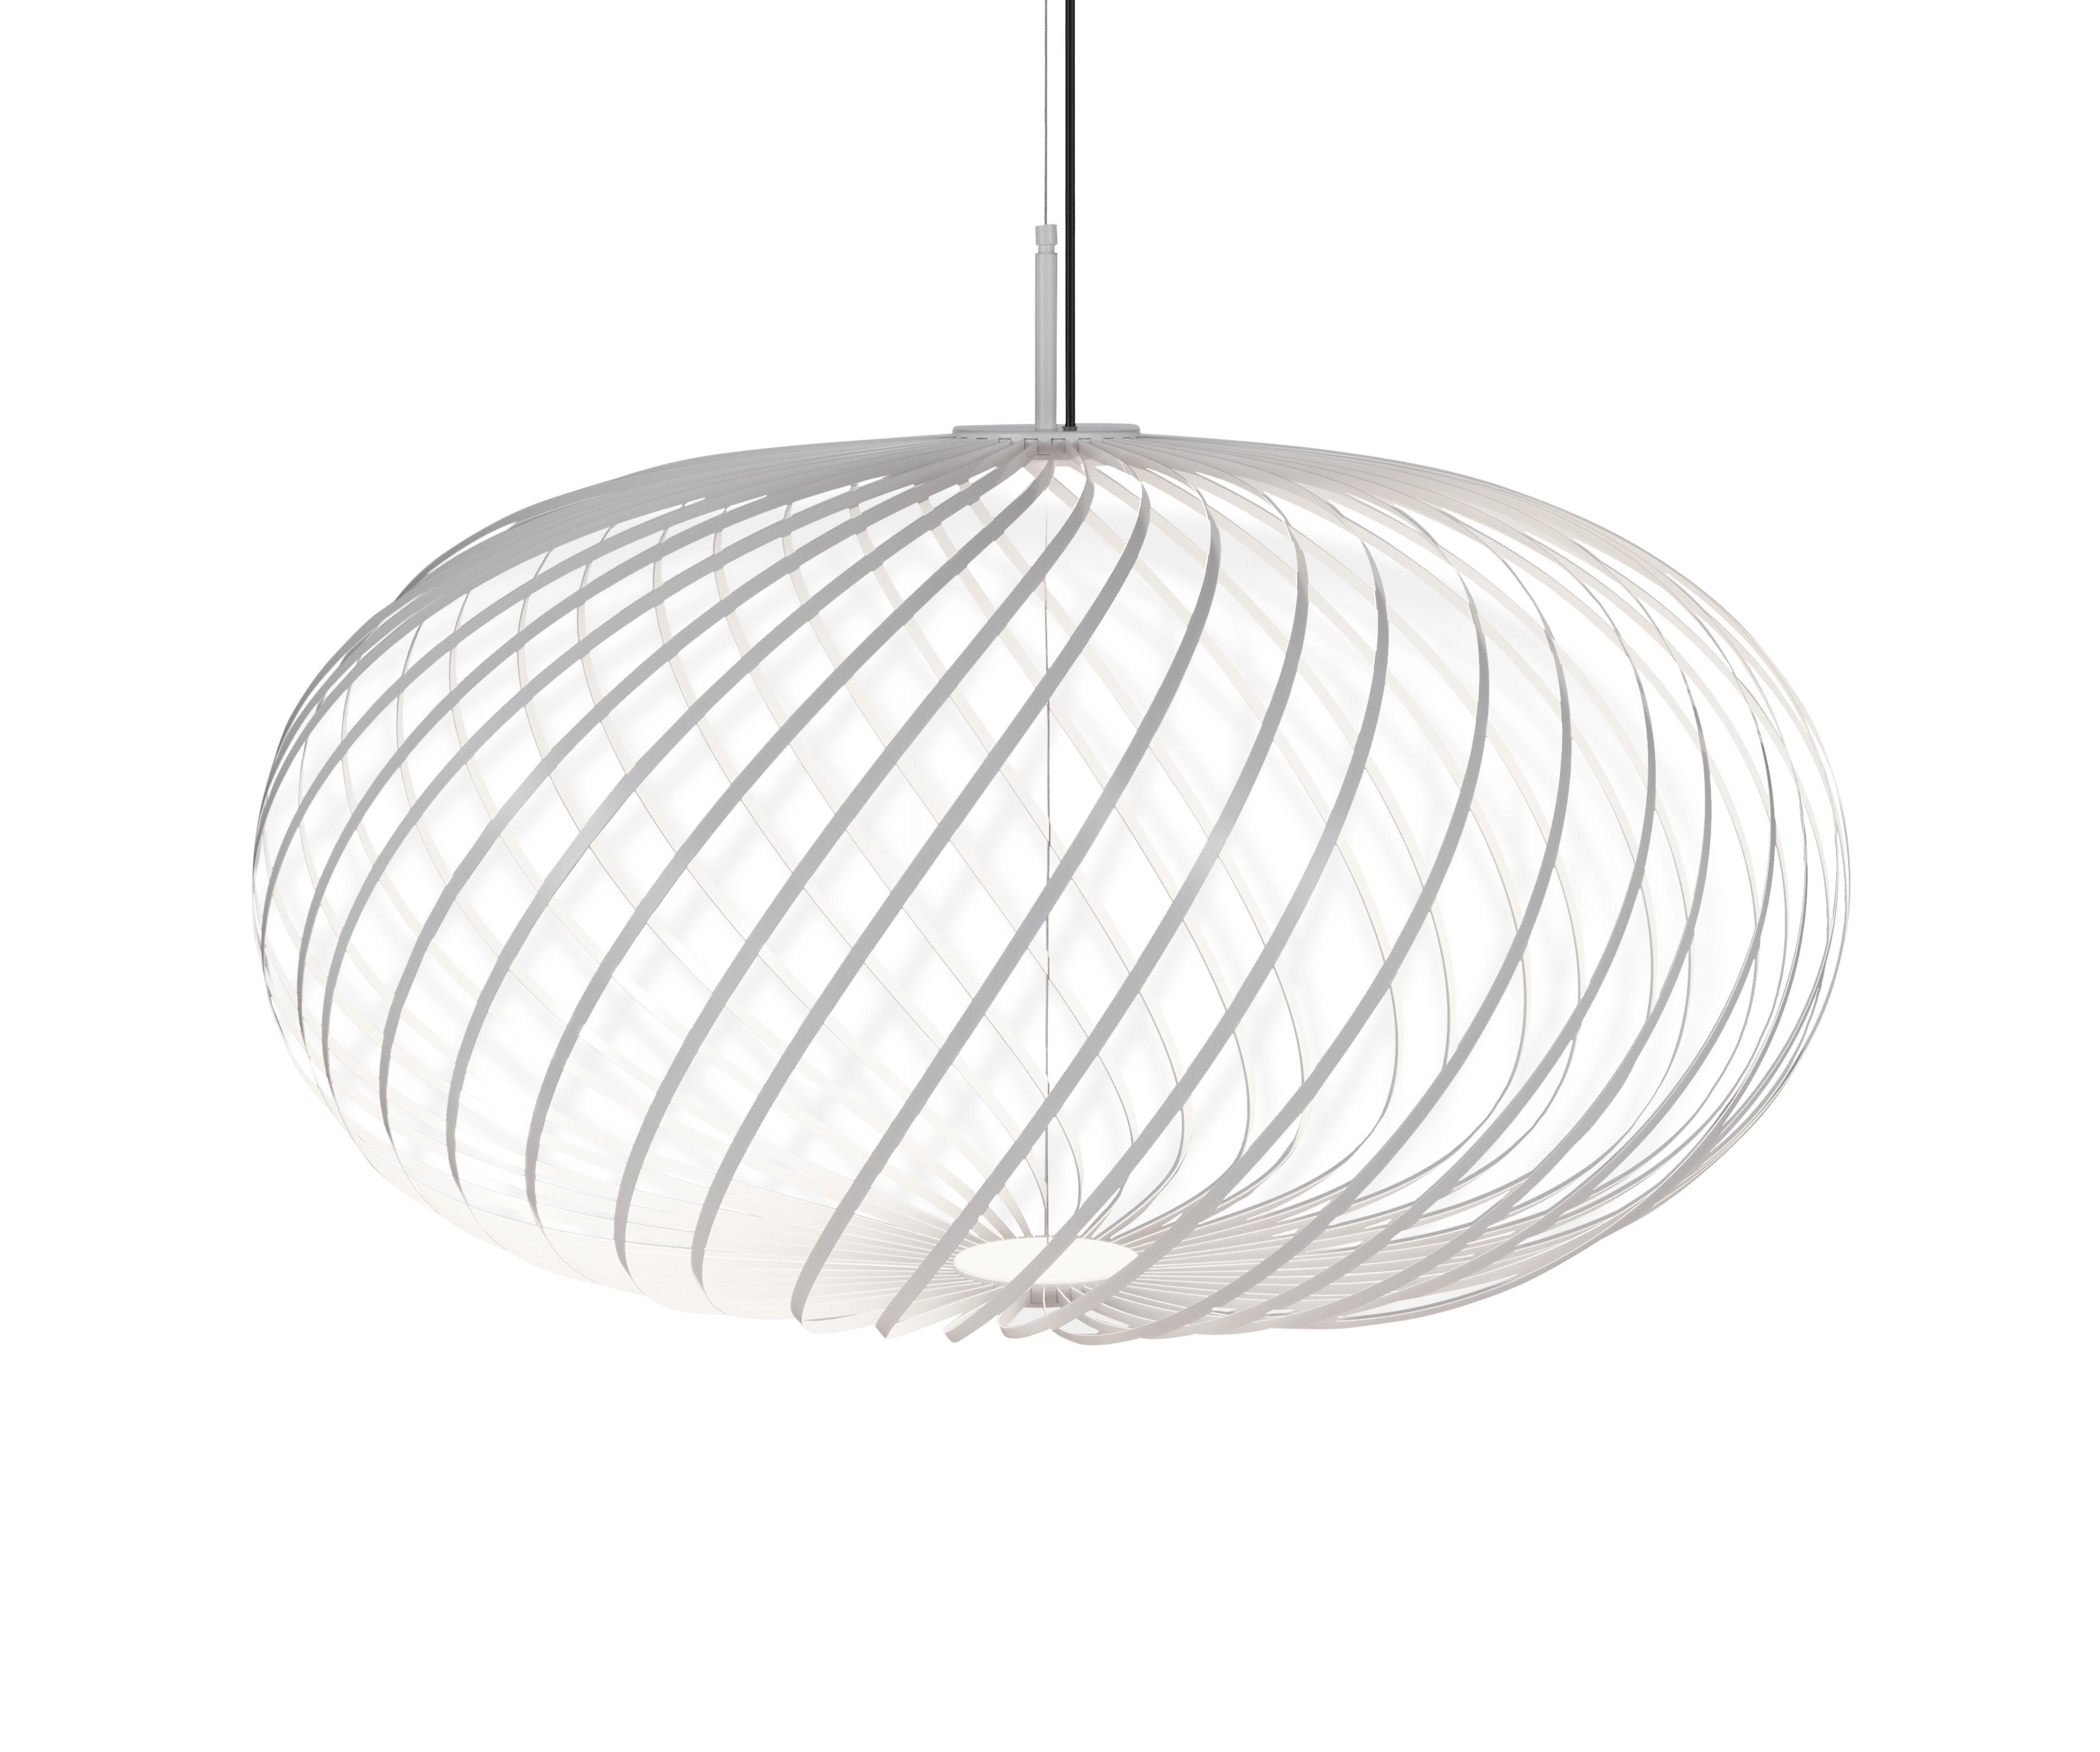 Lighting - Pendant Lighting - Spring Medium LED Pendant - / Ø 79 x H 45 cm - Adjustable steel strips by Tom Dixon - White - Stainless steel